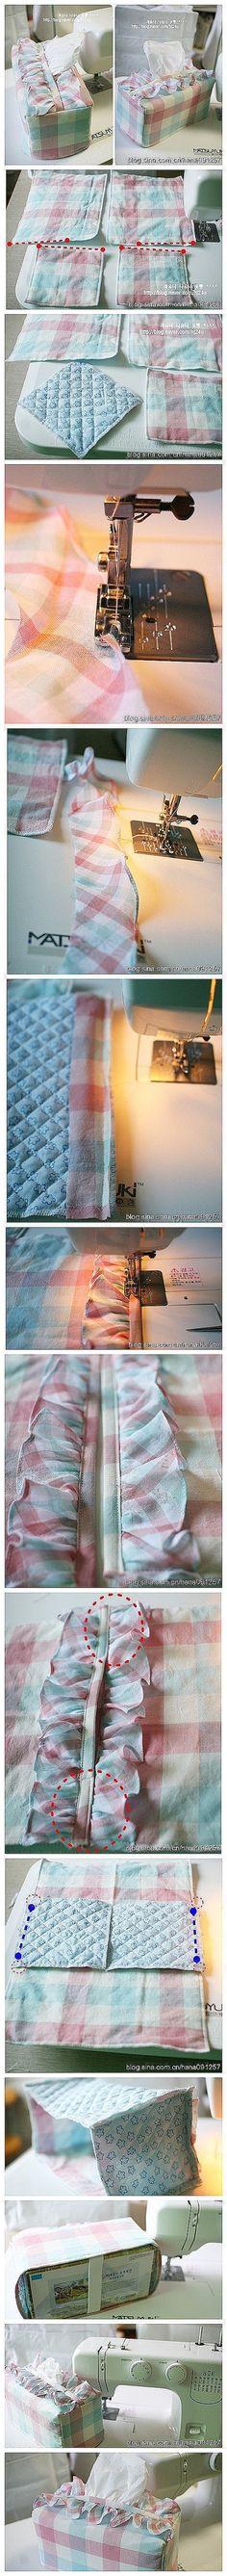 小清新纸巾套的教程,清新又可爱的颜色。【桑】